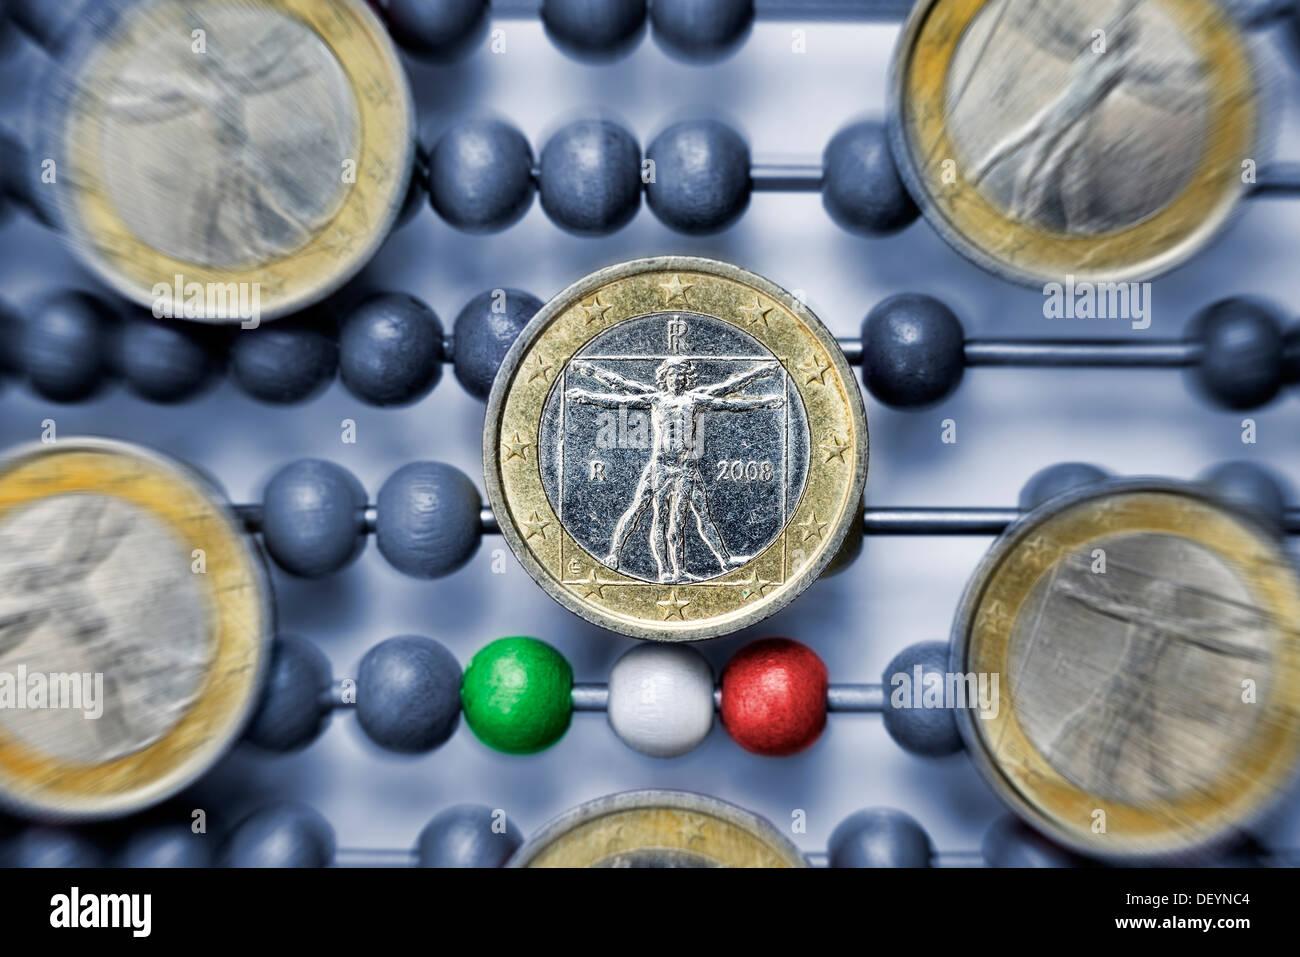 Slide rule with Italian eurocoins, debt crisis in Italy, Rechenschieber mit italienischen Euromünzen, Schuldenkrise in Italien - Stock Image